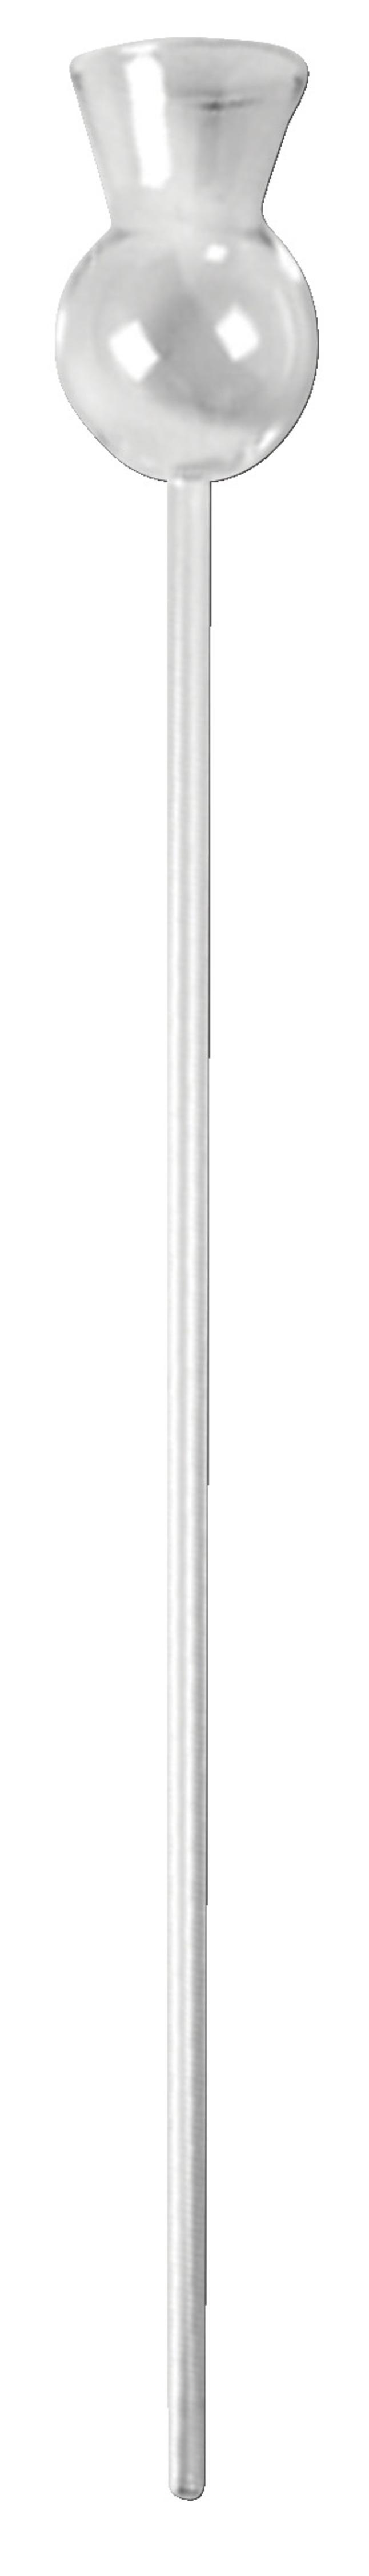 Labware Funnels, Item Number 587184